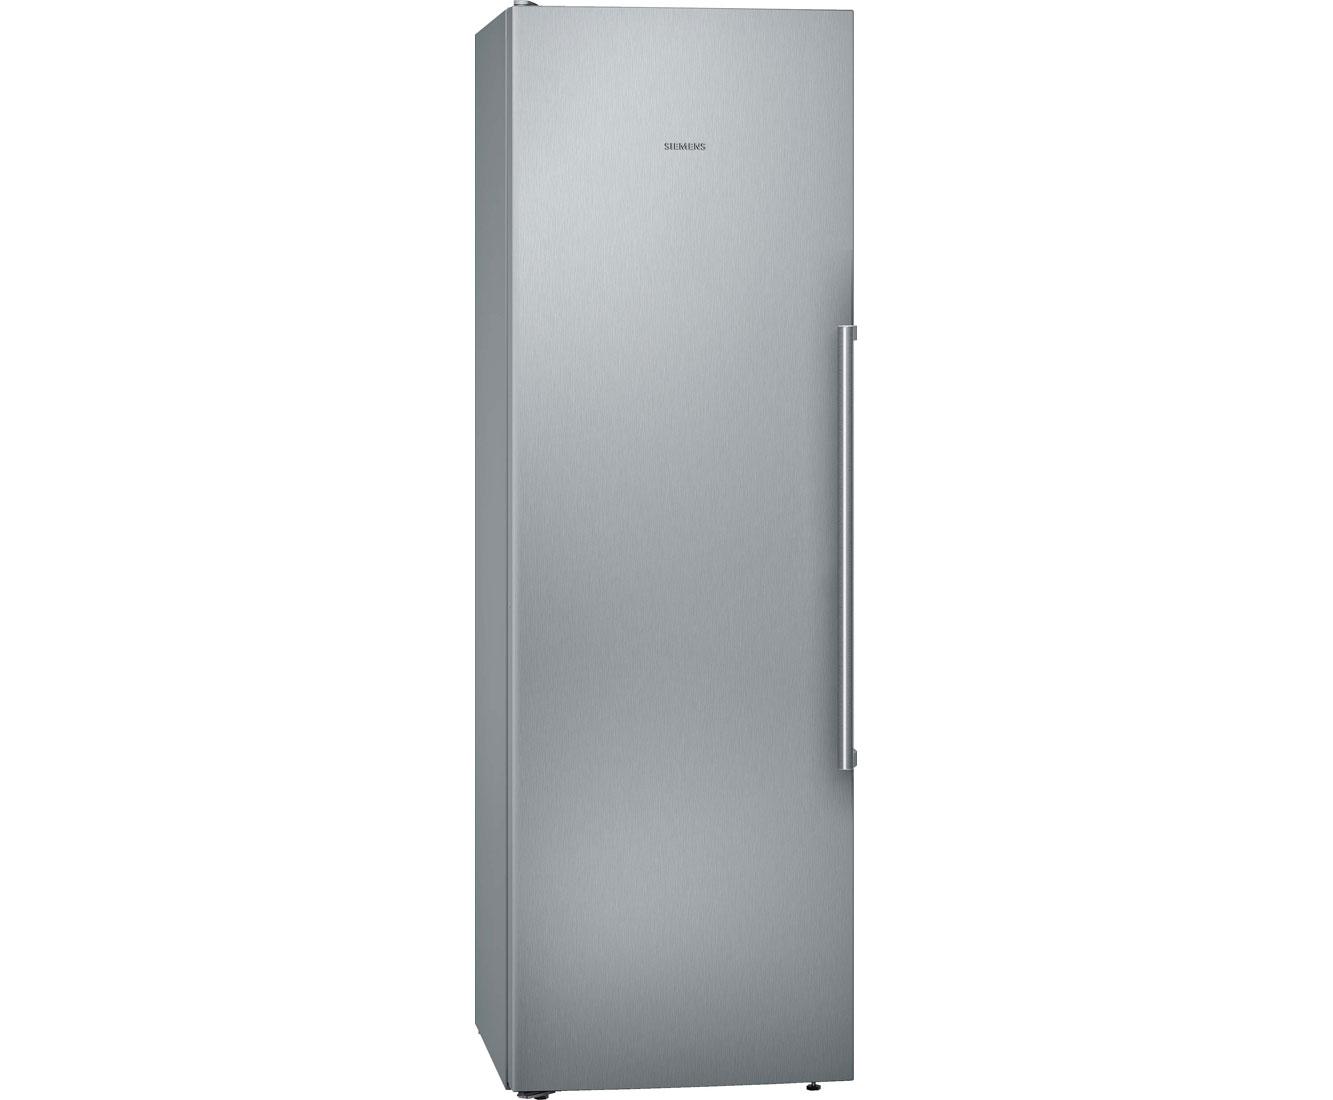 Kühlschrank Minibar Getränkekühlschrank Silber A Edelstahl Glastür 80l : Edelstahl kühlschrank preisvergleich u2022 die besten angebote online kaufen